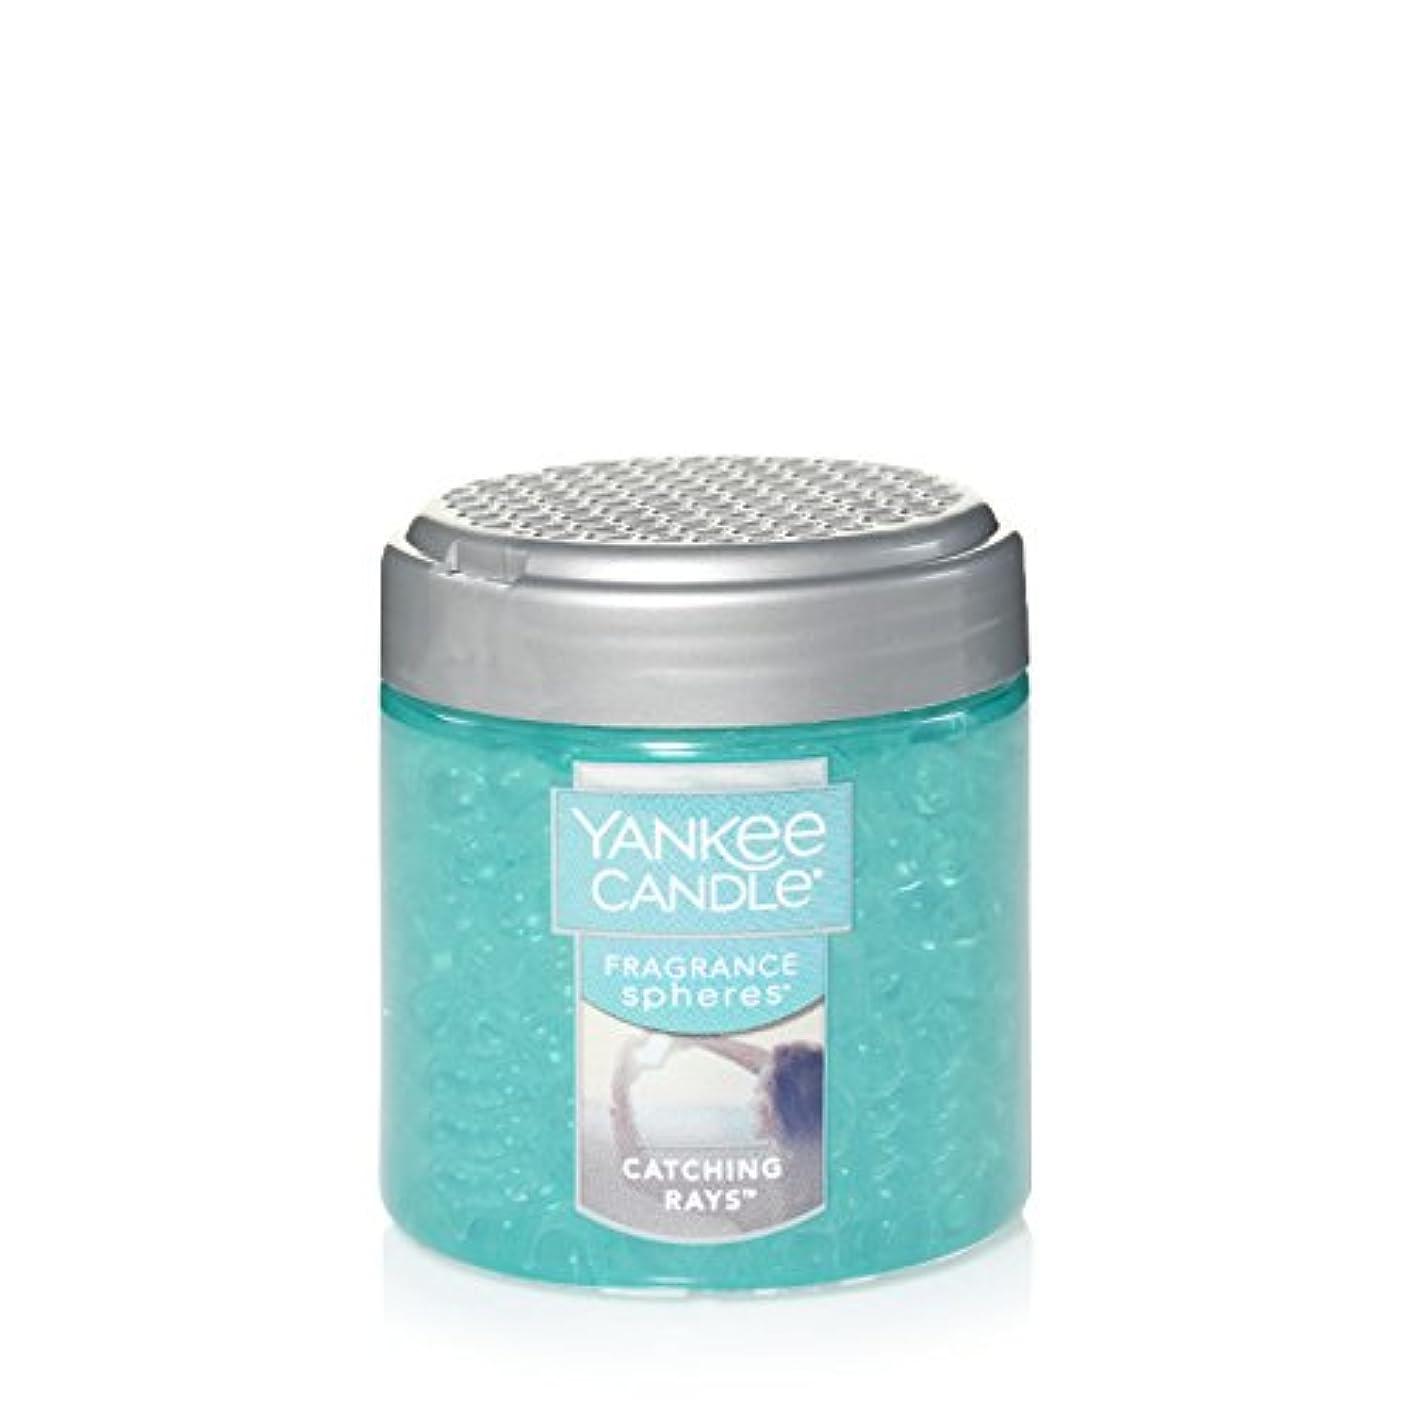 ギャラントリー暗殺者チャート(ヤンキーキャンドル) Yankee Candle Lサイズ ジャーキャンドル Fragrance Spheres 1547233